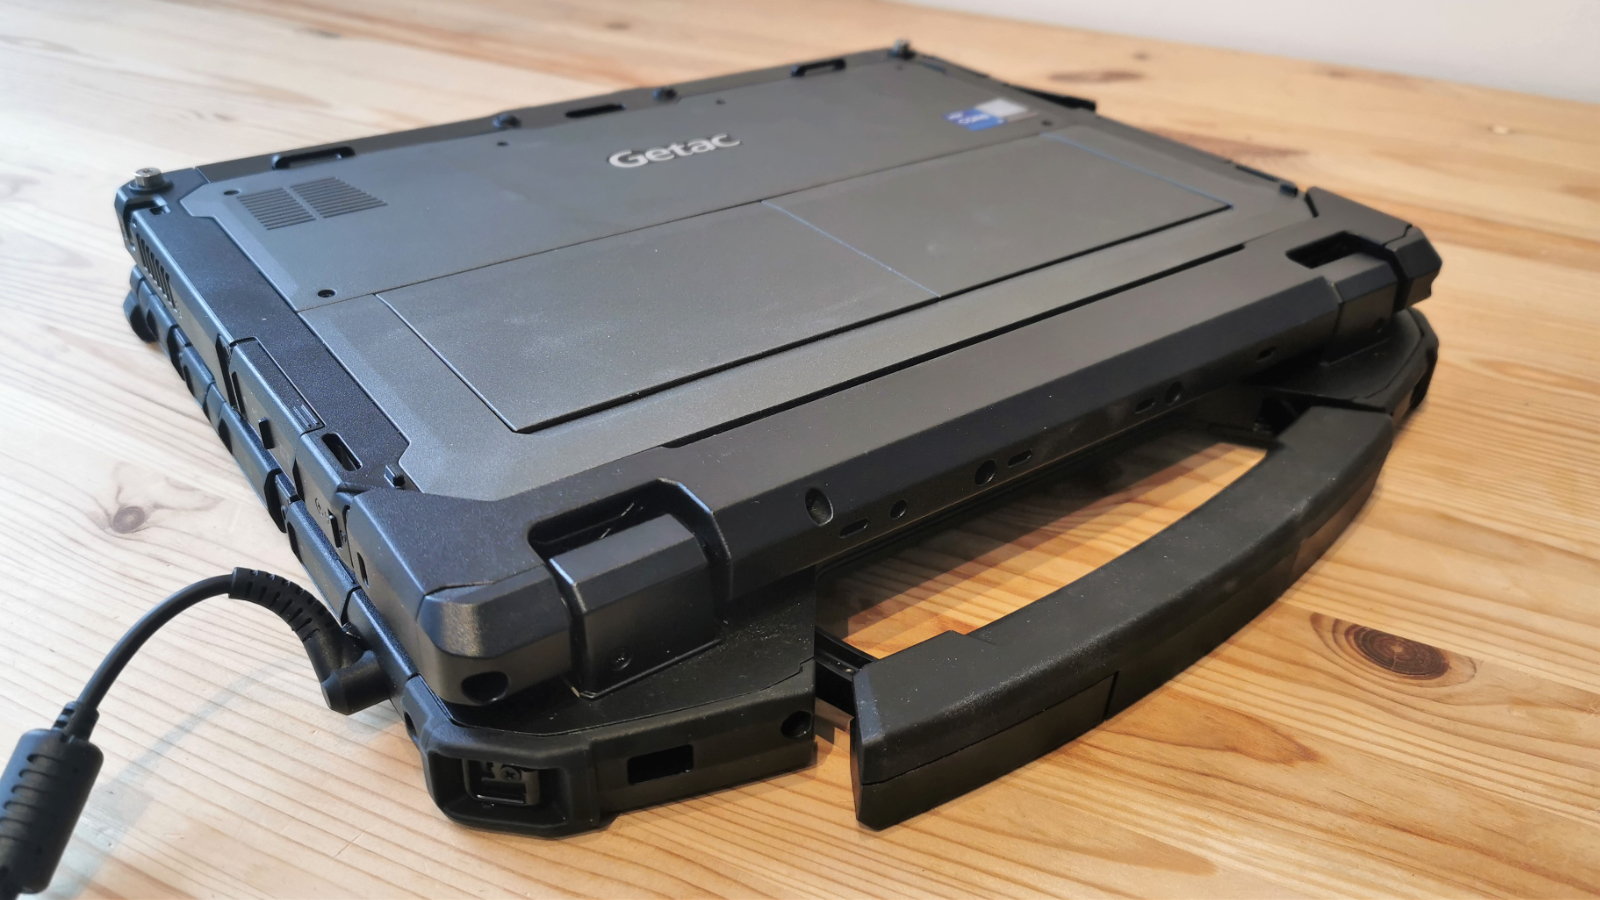 Getac K120 G2 (2021) Rugged Laptop